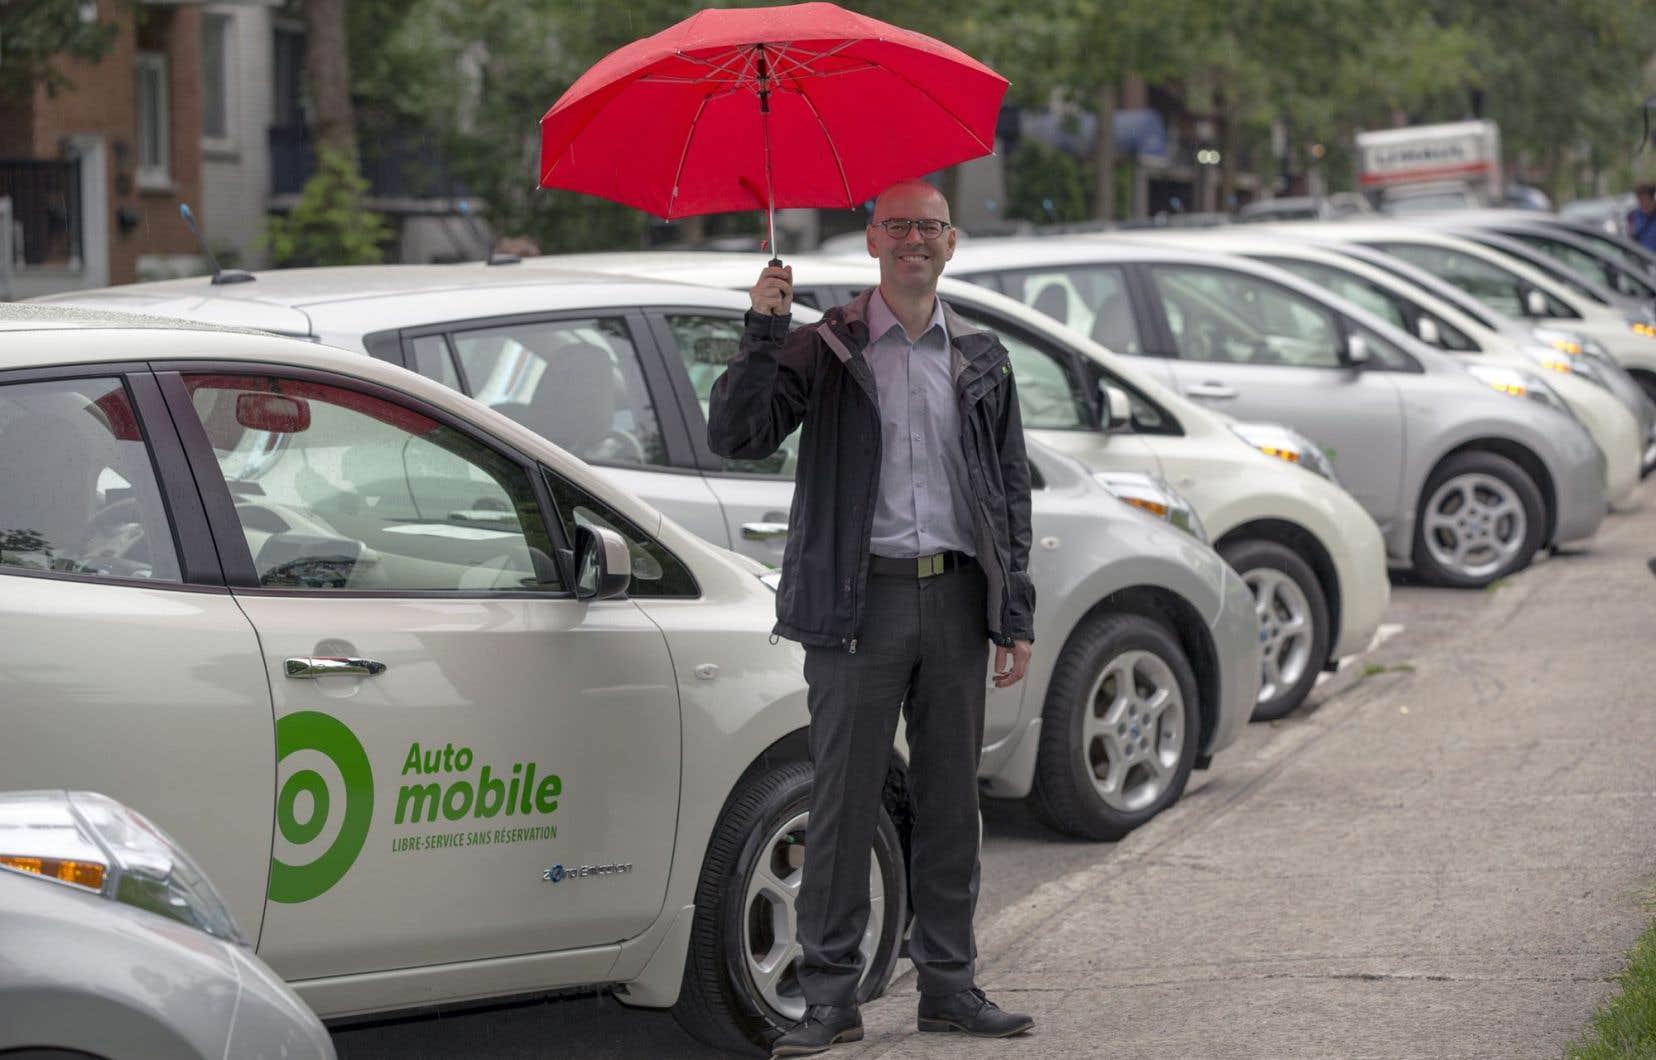 Le p.-d.g. de Communauto, Benoit Robert, a fait savoir lundi que l'entreprise ajouterait 150 véhicules hybrides et électriques à son service Auto-Mobile.